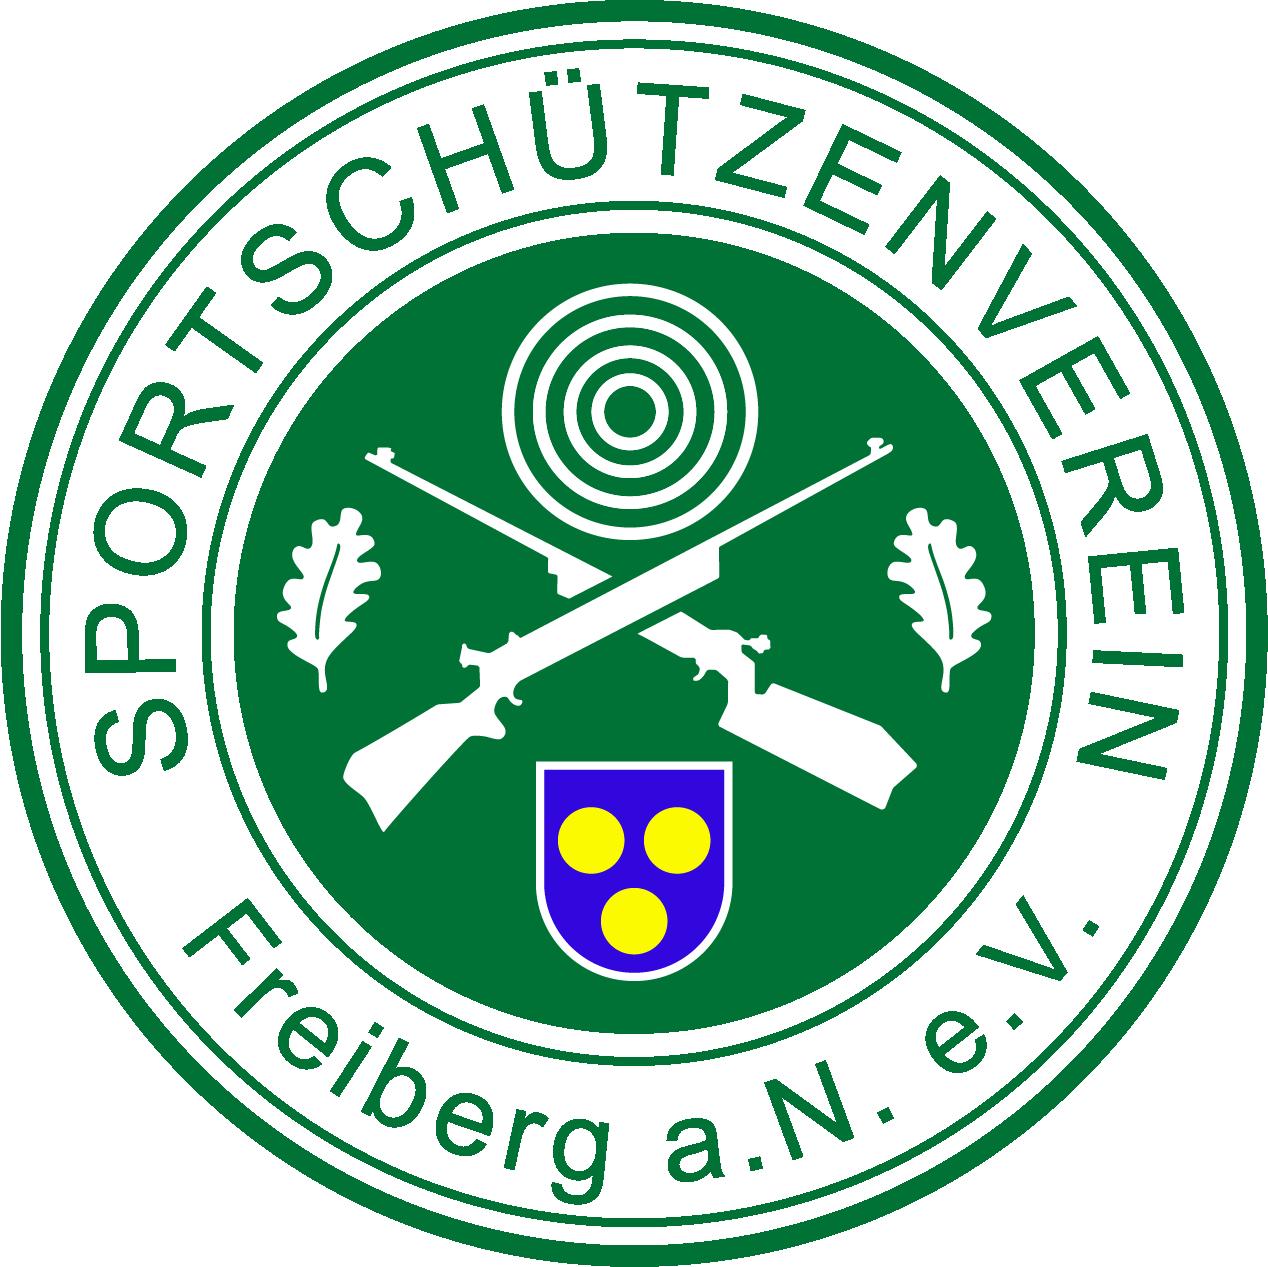 Sportschützenverein Freiberg am Neckar e.V.